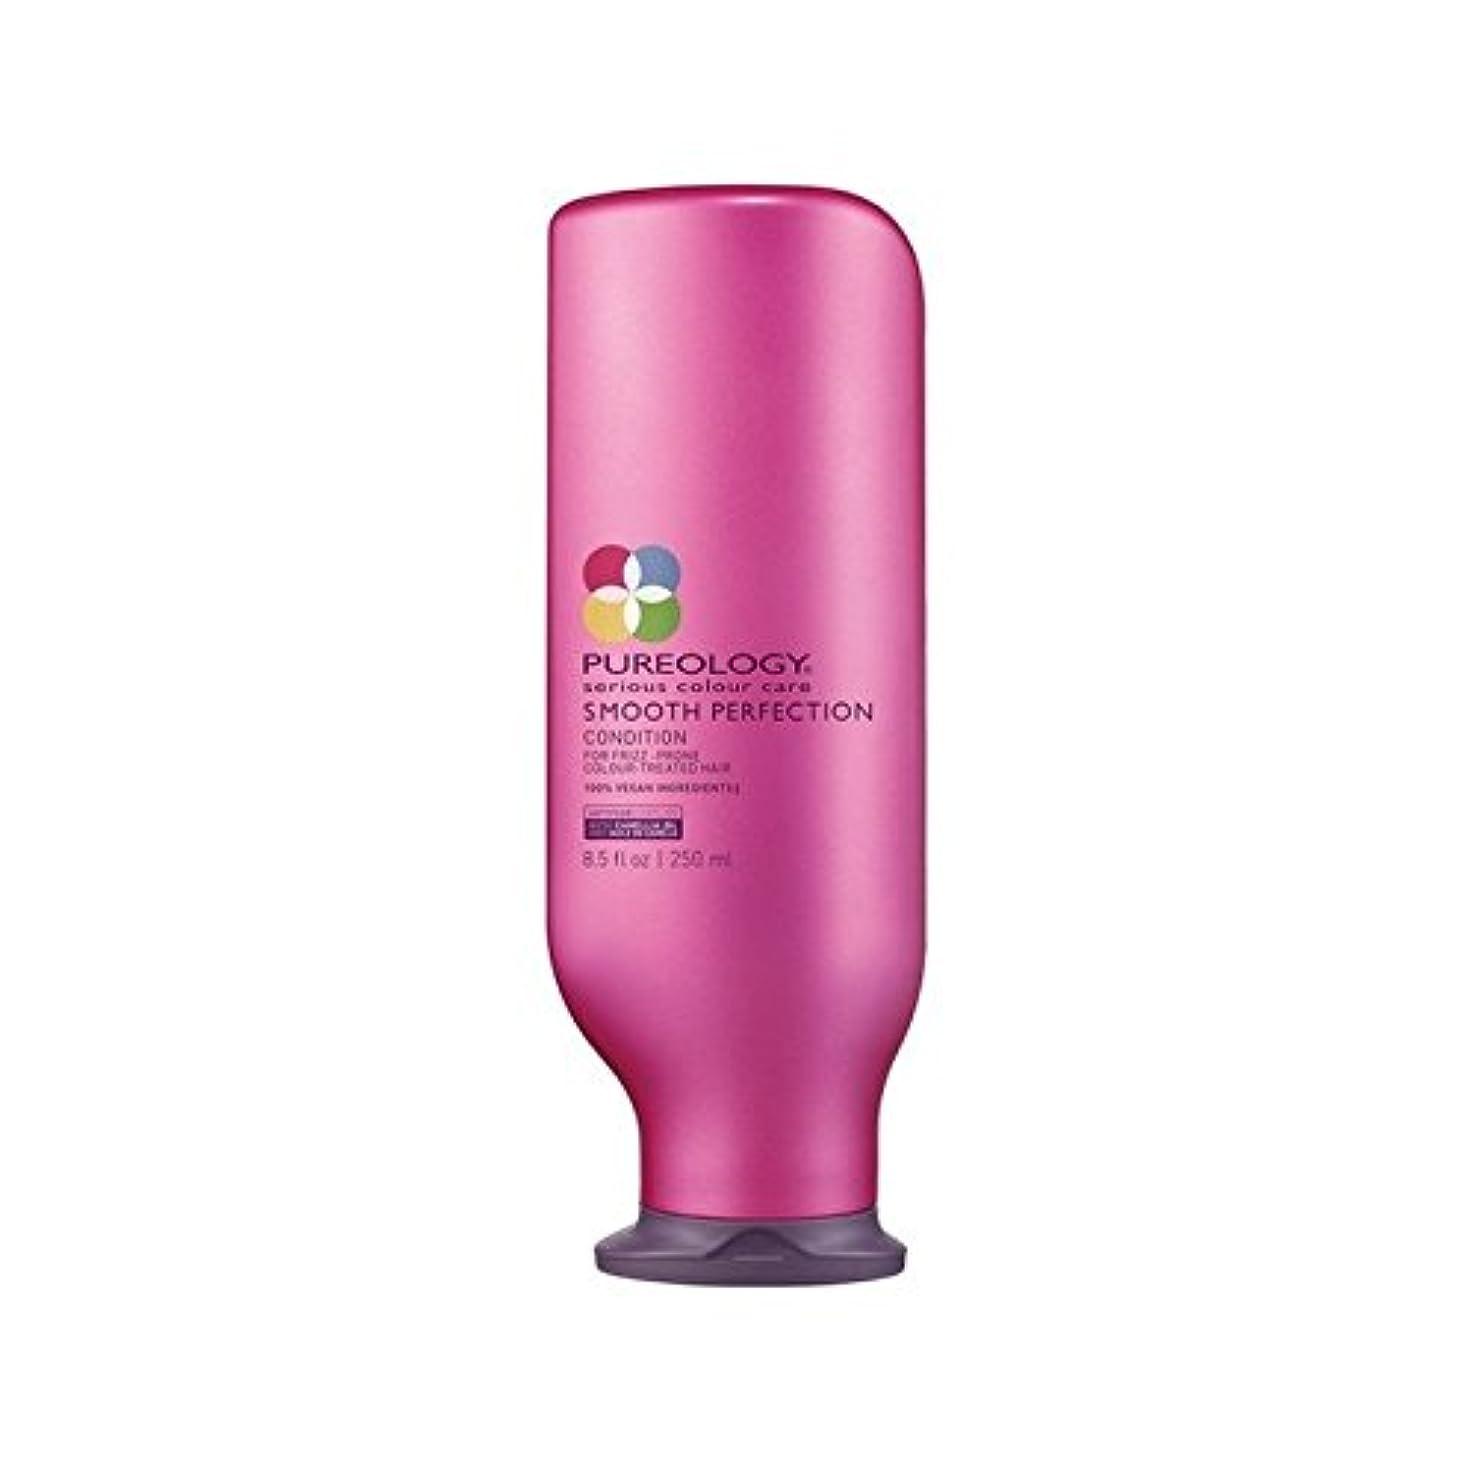 等価悪用賠償Pureology Smooth Perfection Conditioner (250ml) (Pack of 6) - 平滑完全コンディショナー(250ミリリットル) x6 [並行輸入品]